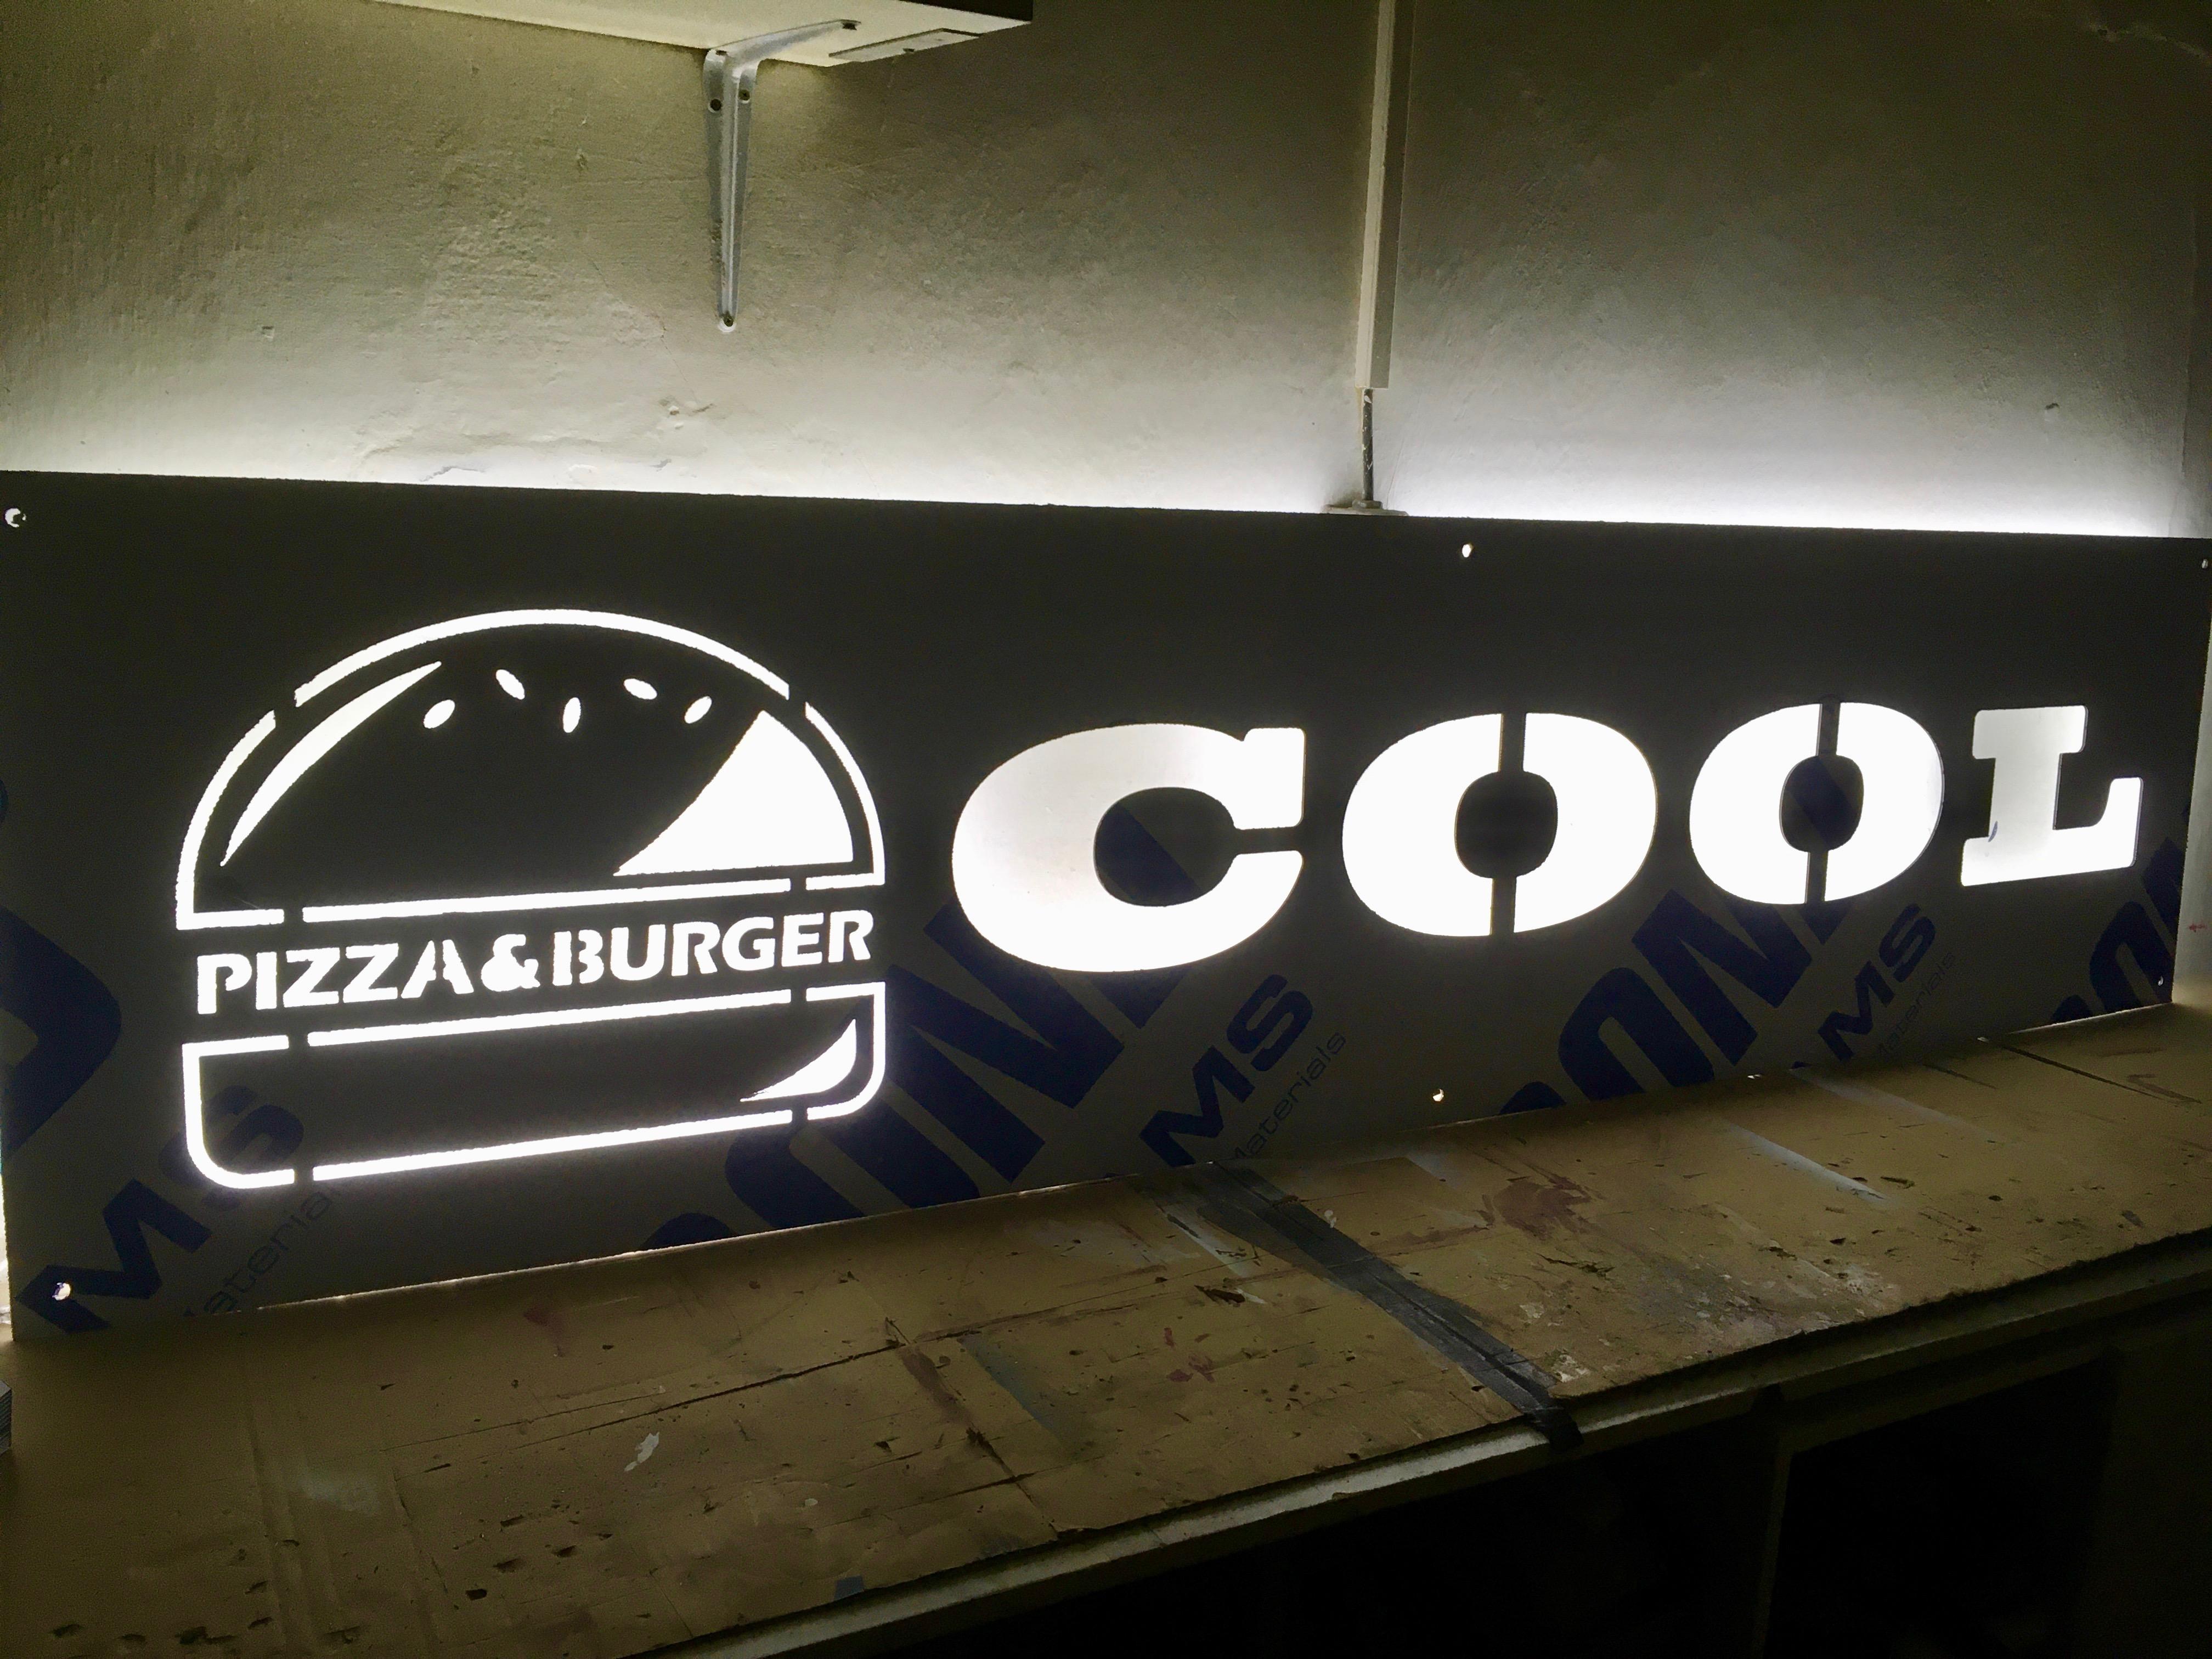 světelná reklama, podsvícená reklama, světelný nápis, podsvícený nápis, světelná cedule